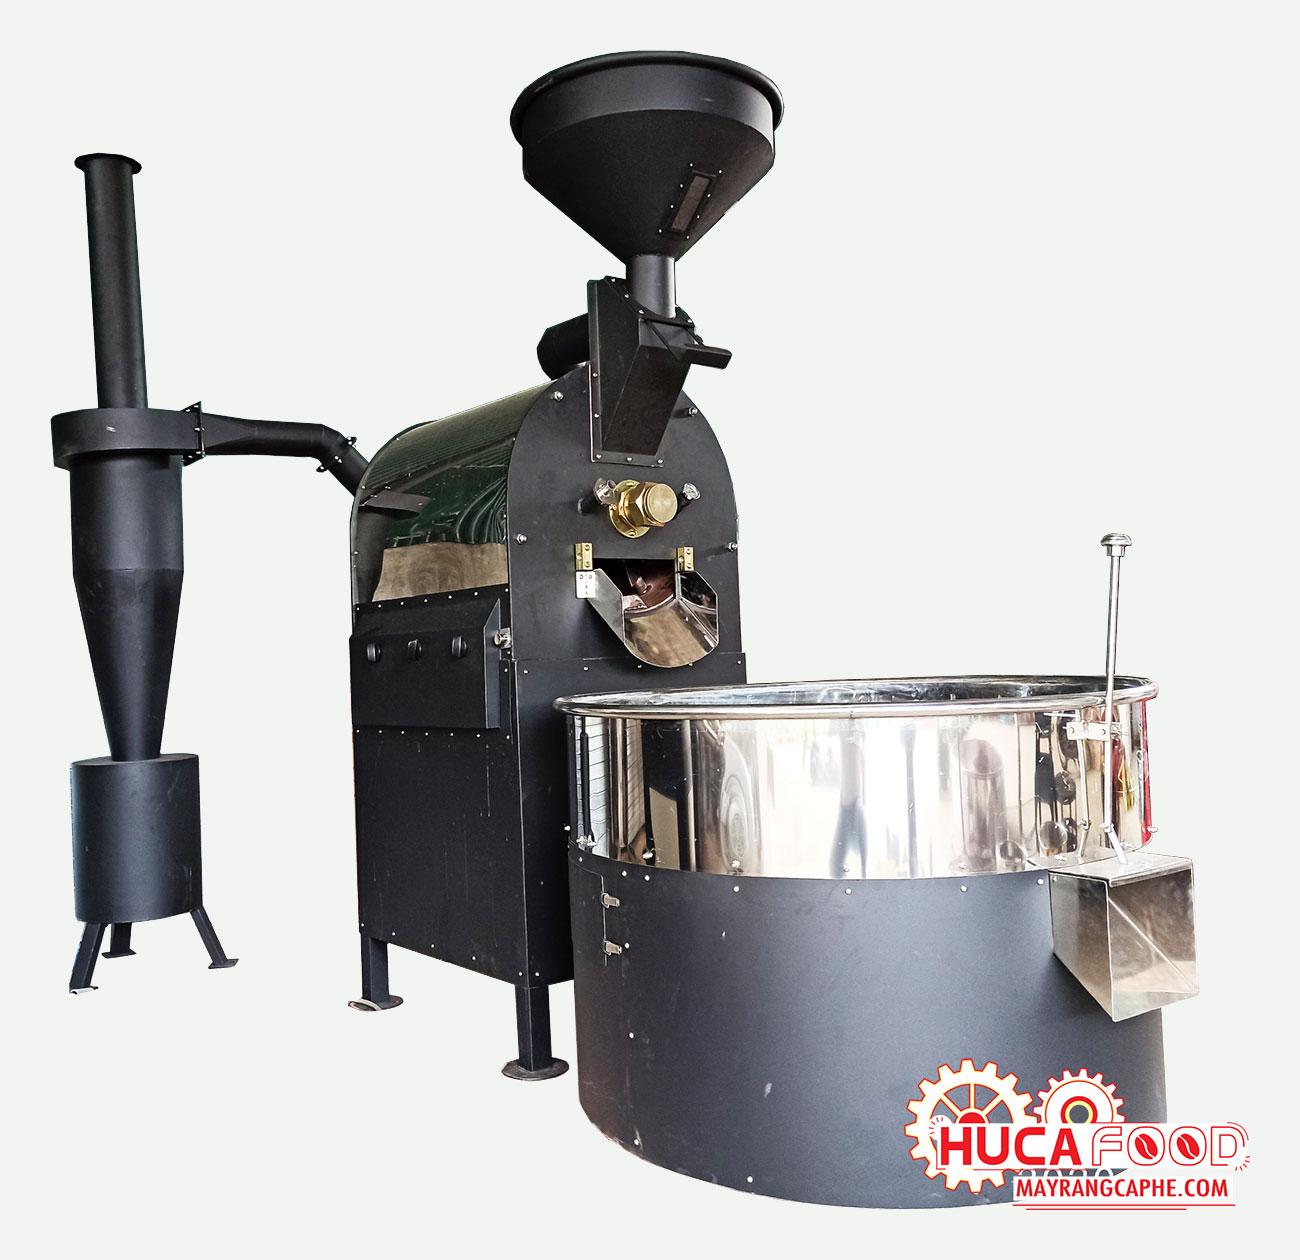 Máy rang cà phê 10kg/mẻ hot air bền - đẹp - giá tốt - Huca Food